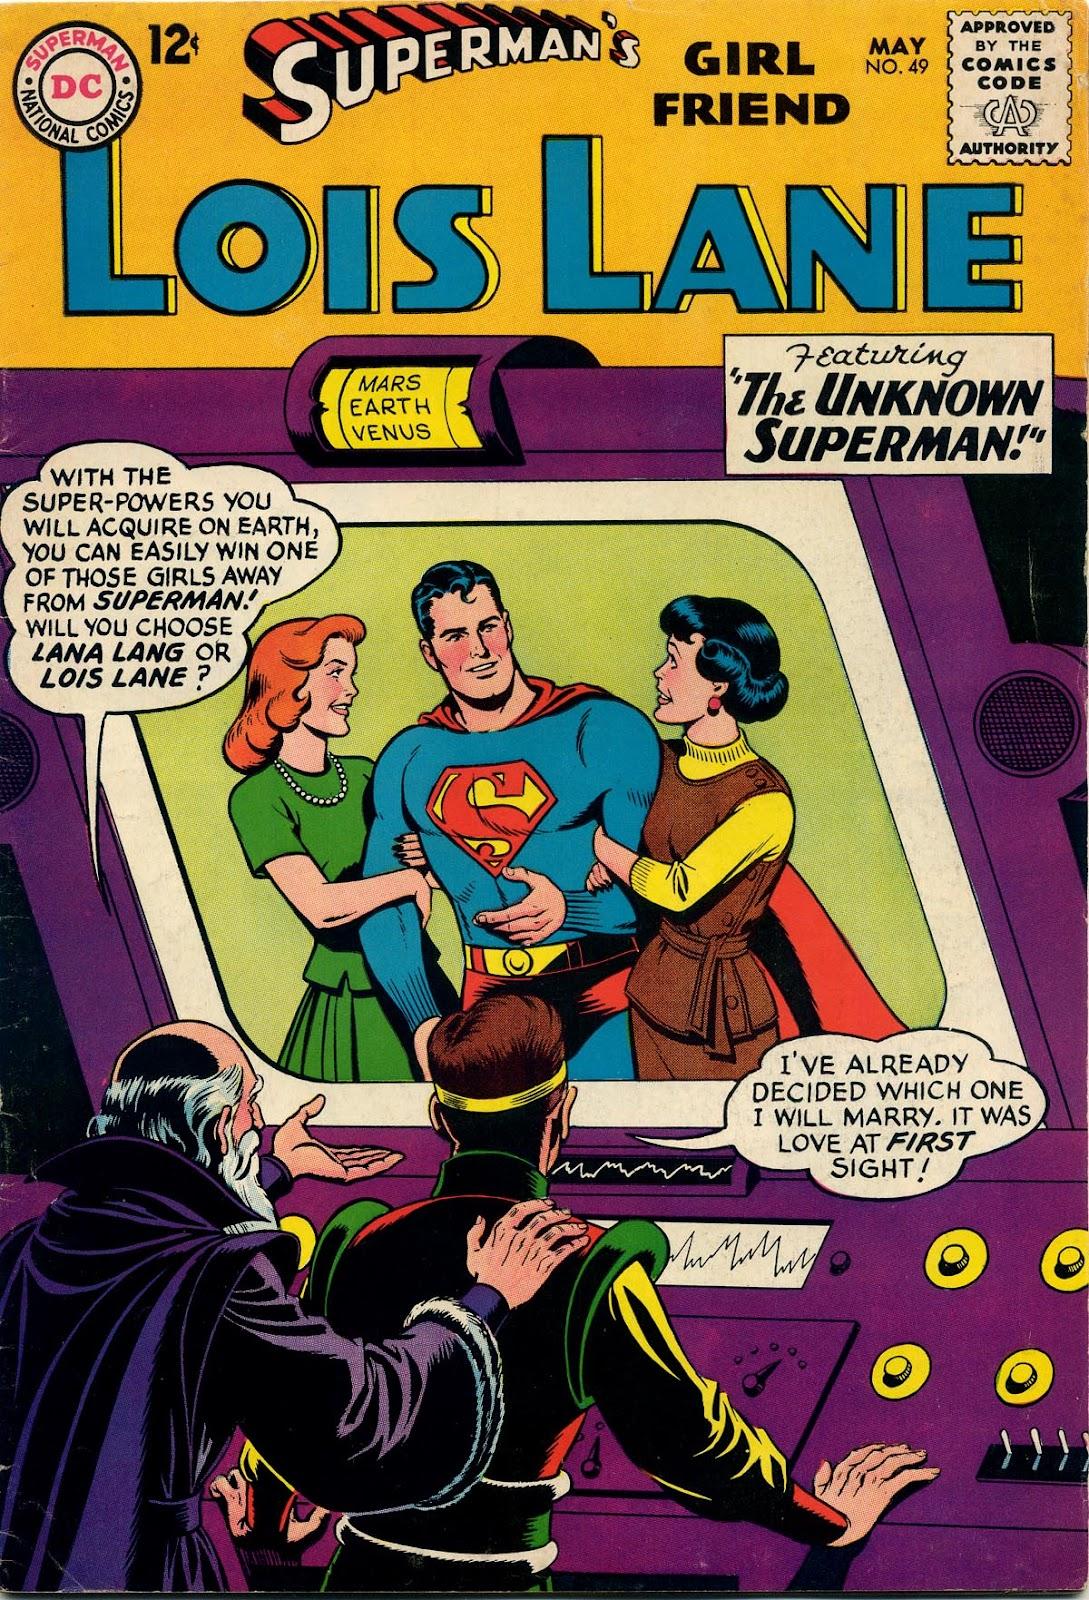 Supermans Girl Friend, Lois Lane 49 Page 1